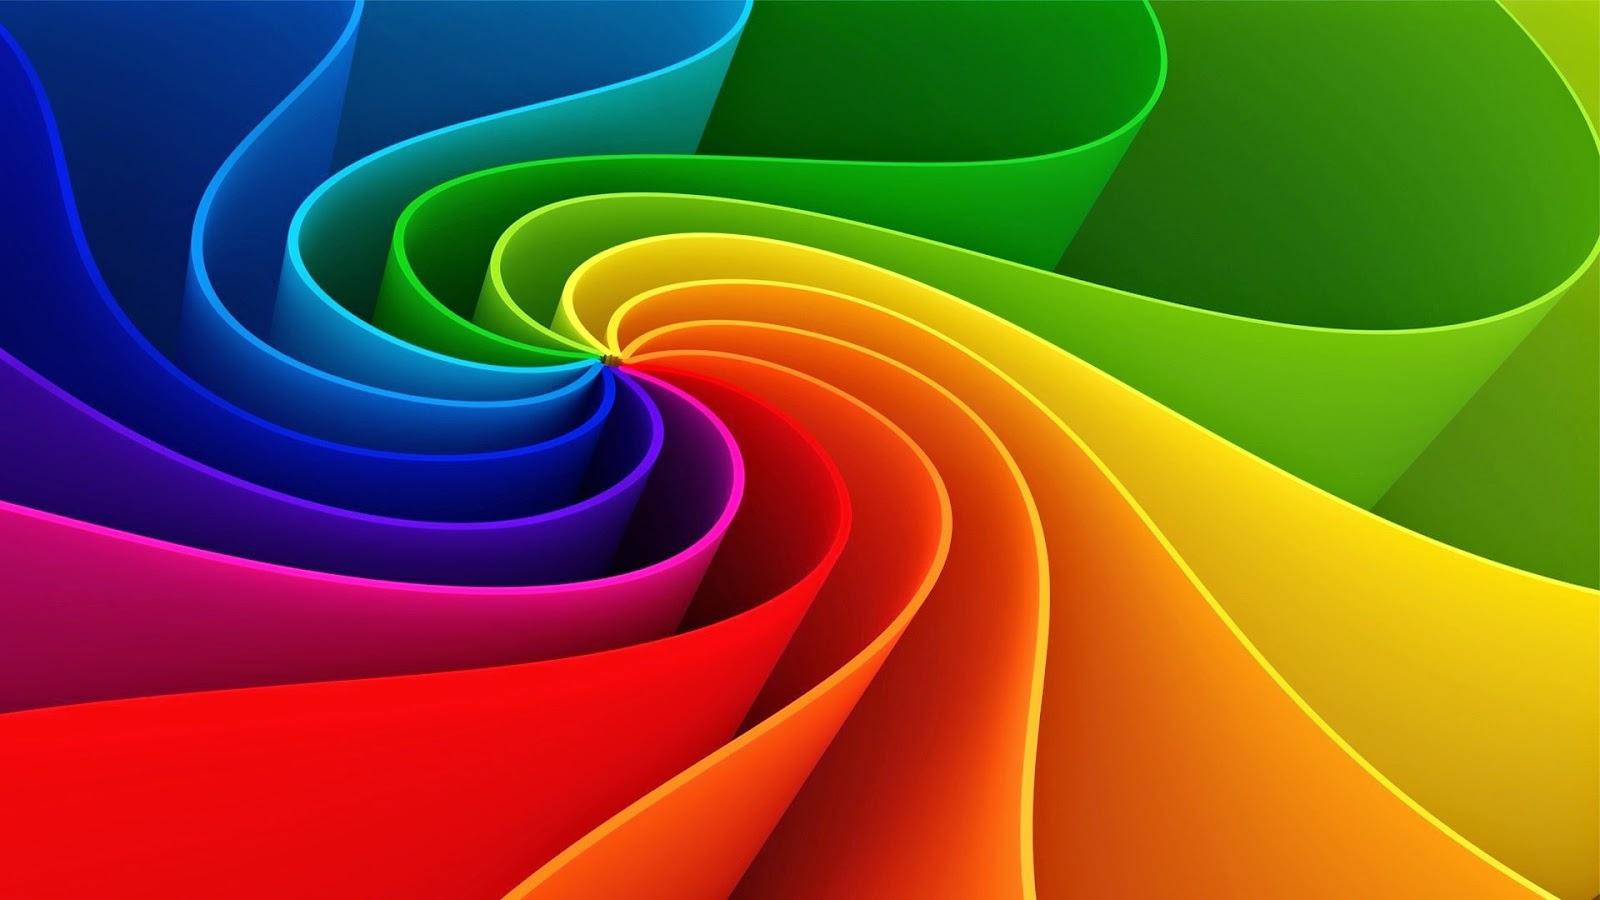 Hình Nền Đẹp Colors